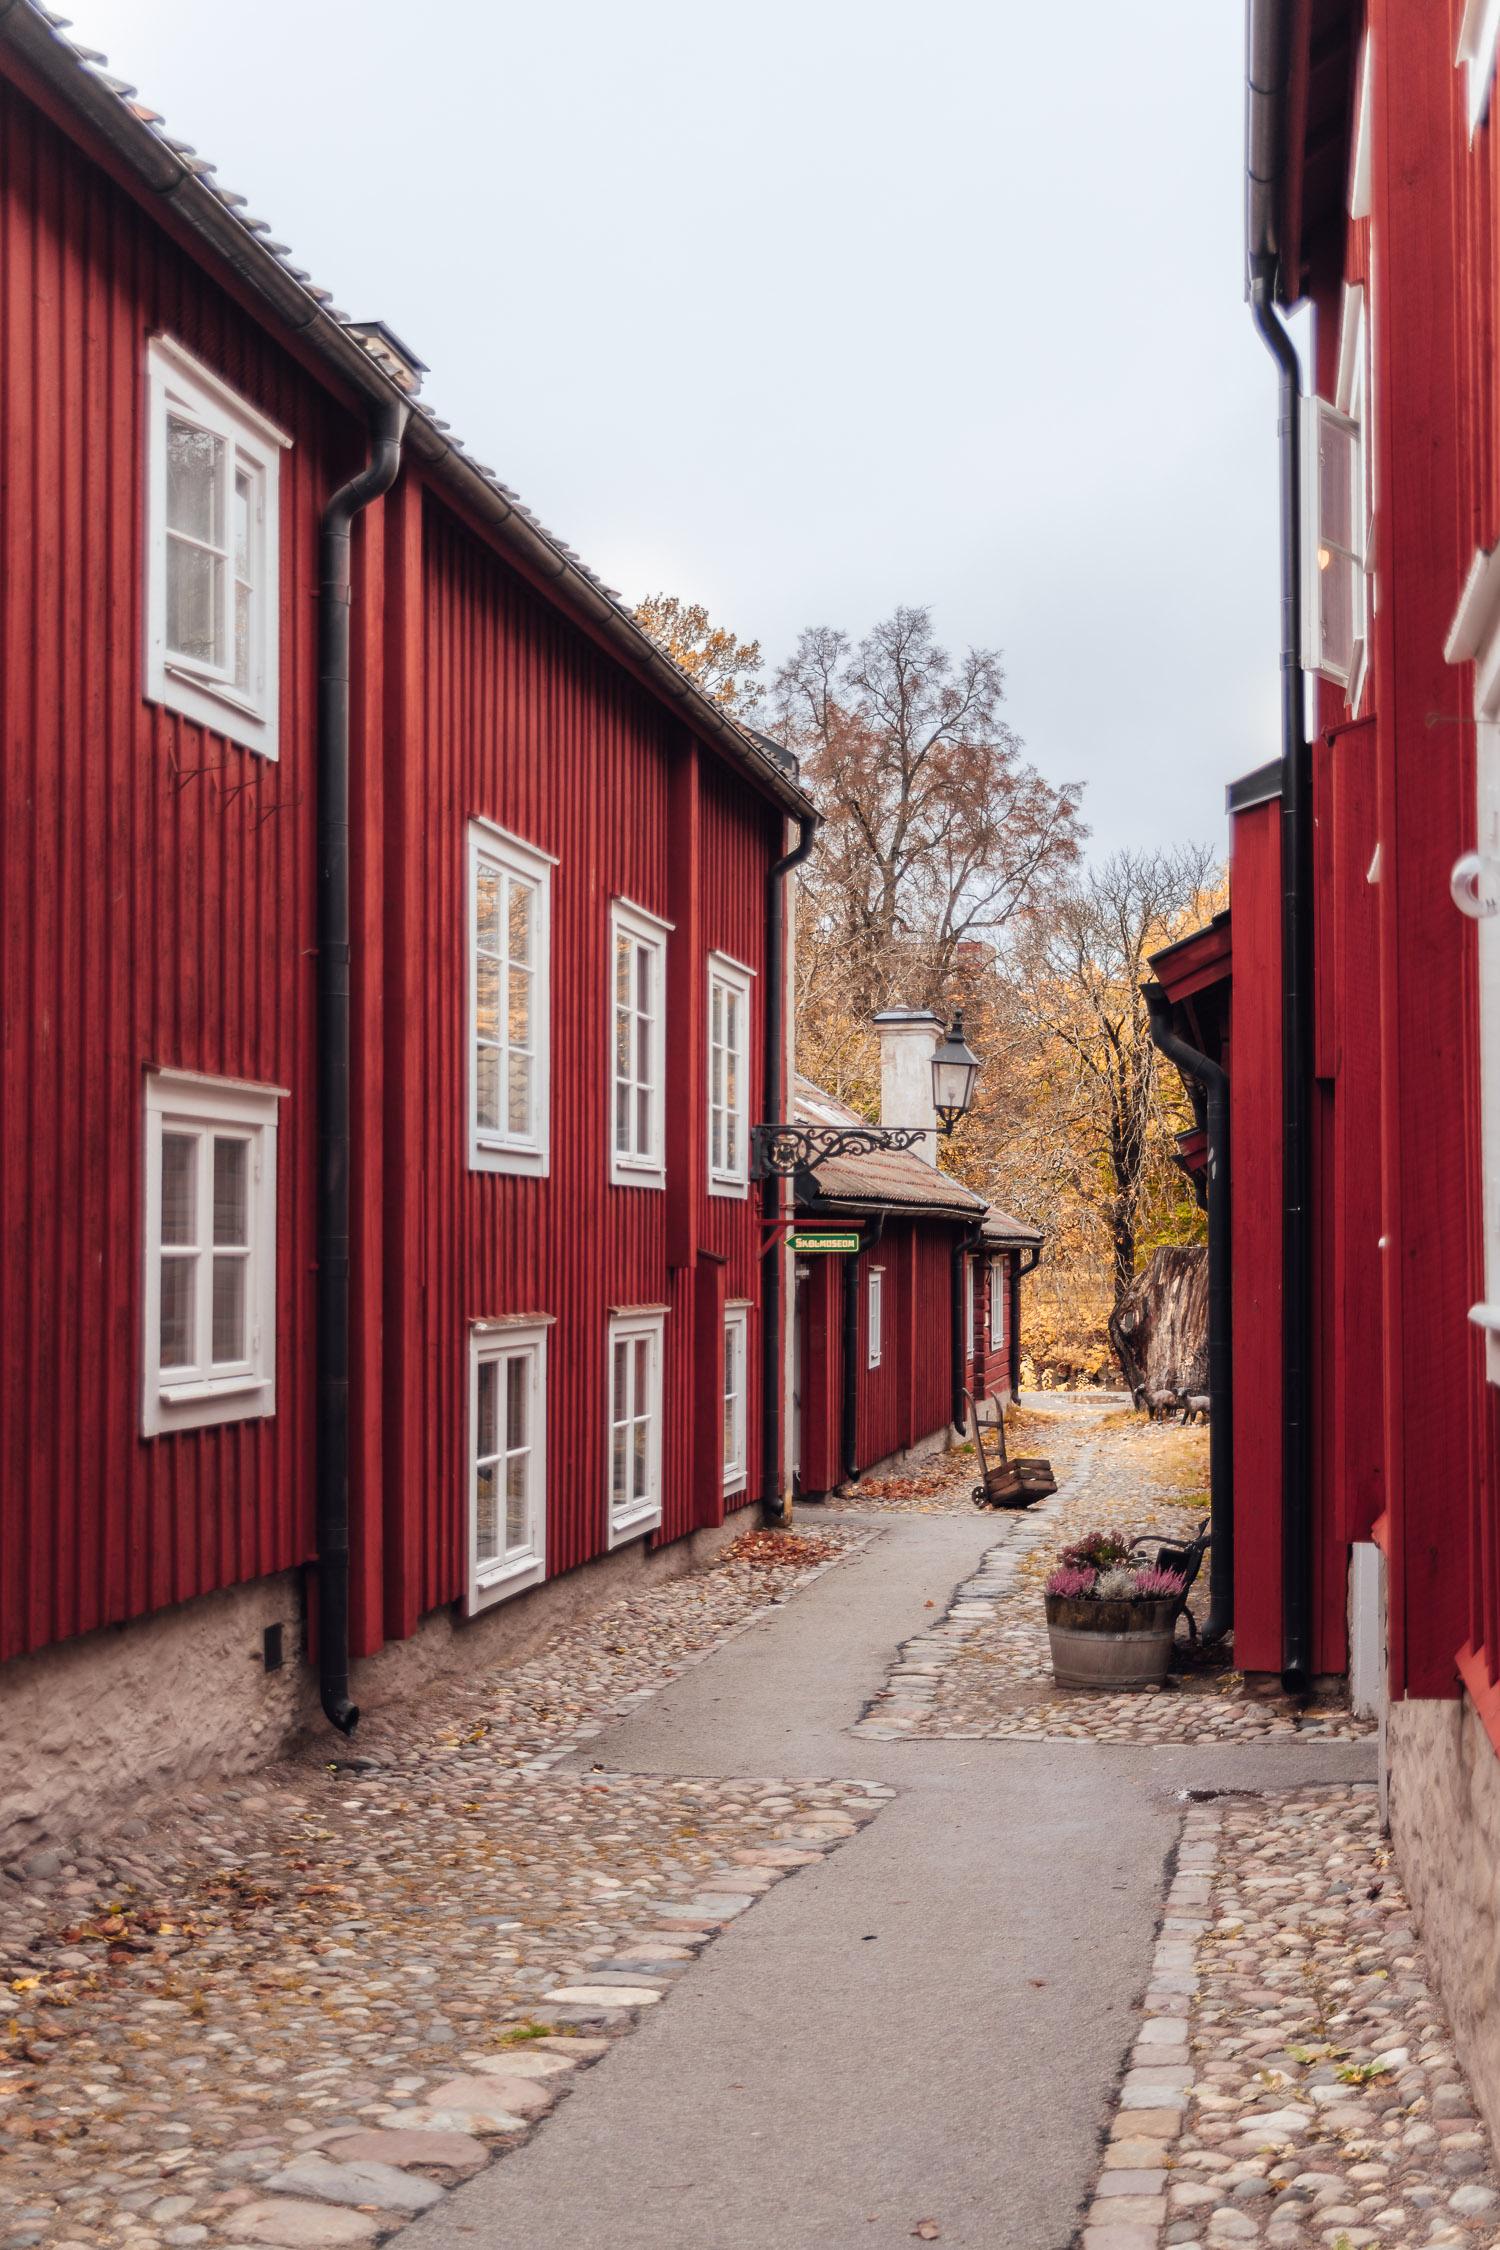 Vacker gata med röda byggnader i friluftsmuseet Wadköping, Örebro